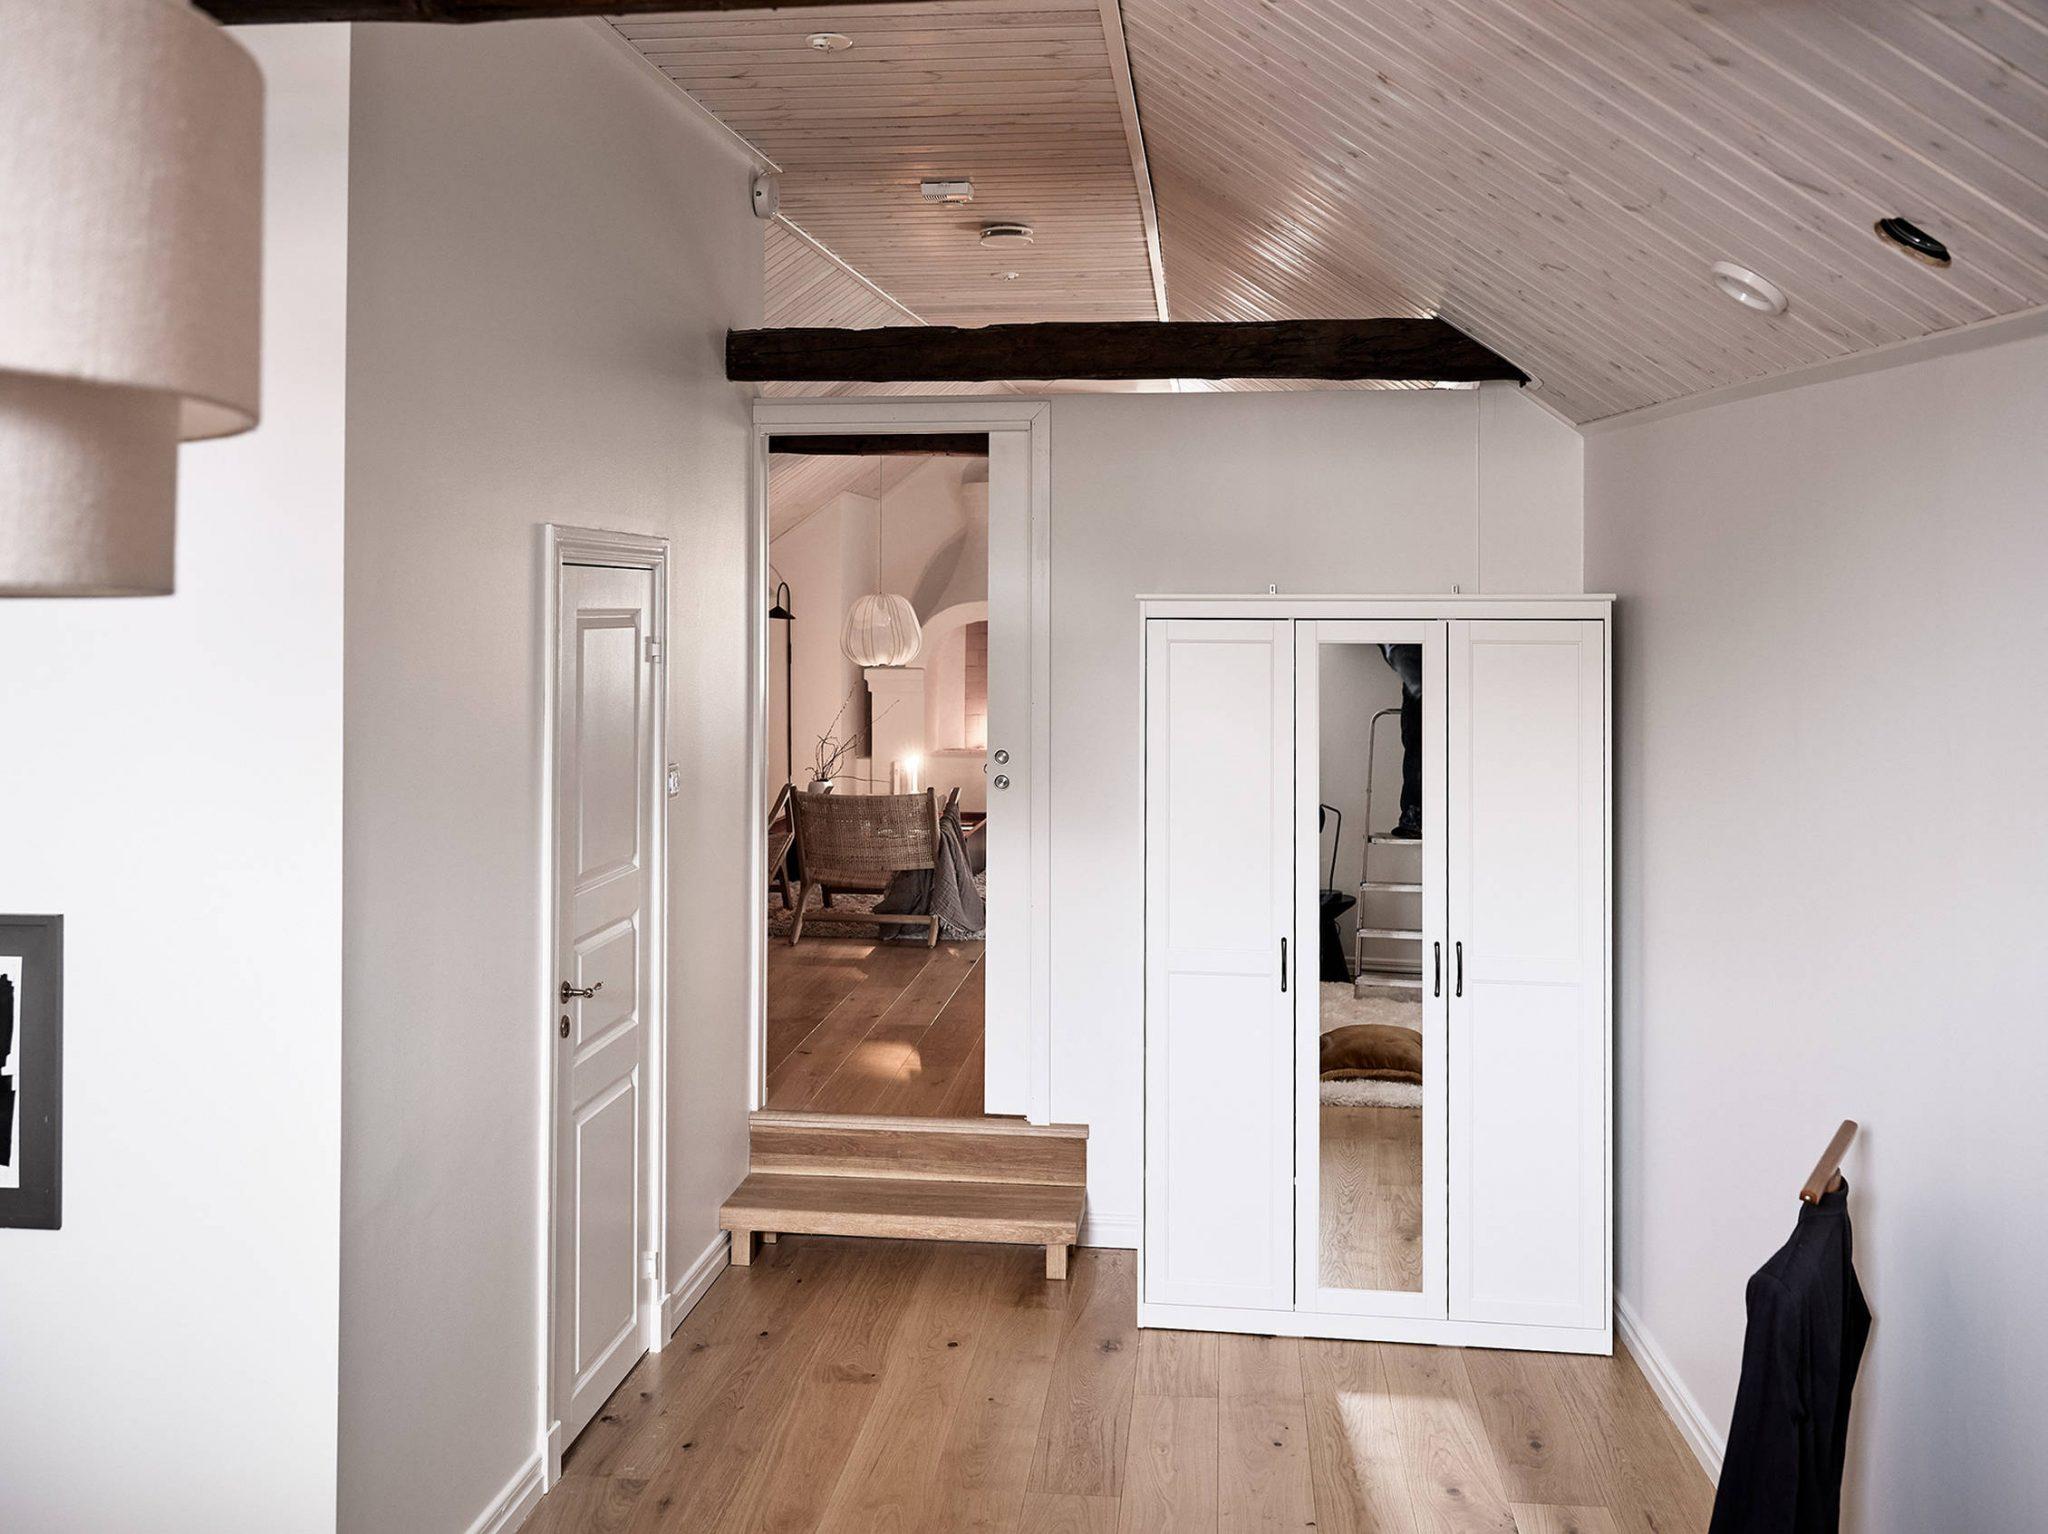 Tavan înclinat și decor rusti scandinav într o casă din Suedia 11